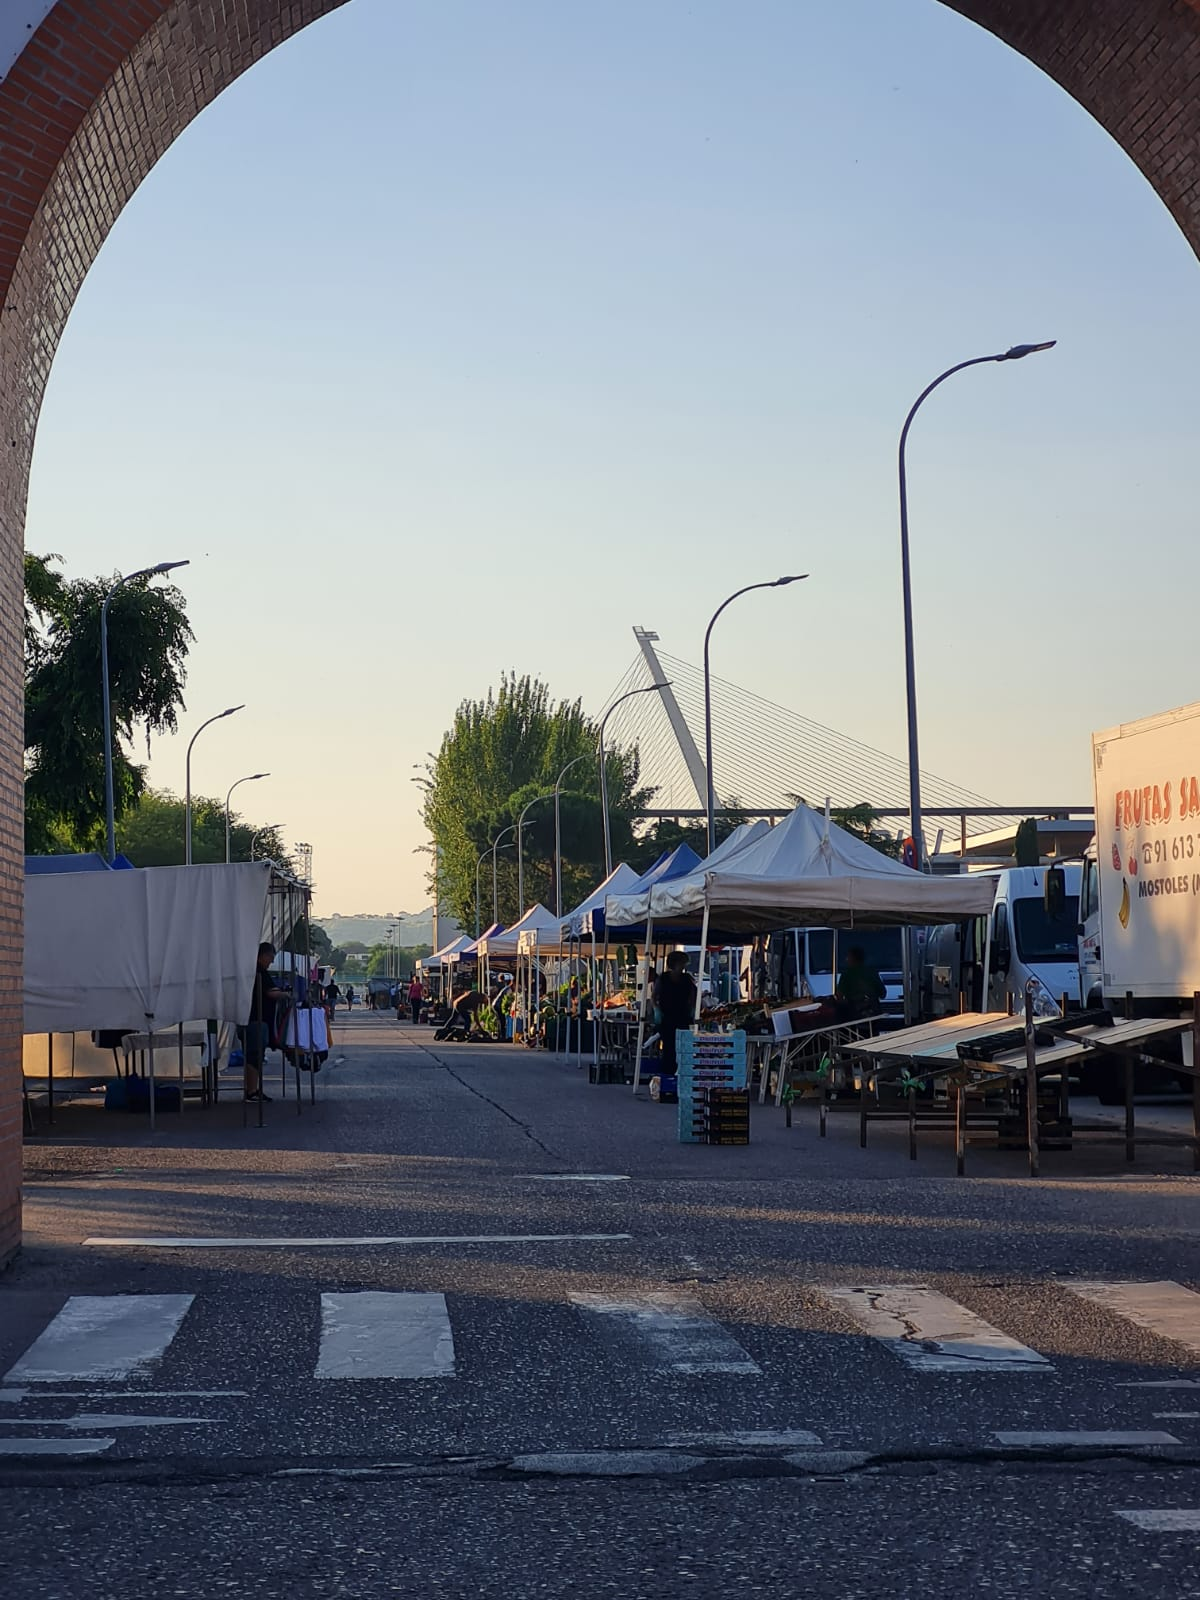 Apuesta decidida del Gobierno de Talavera por la reactivación del sector de la venta ambulante llegando al 100% de la ocupación en el mercadillo